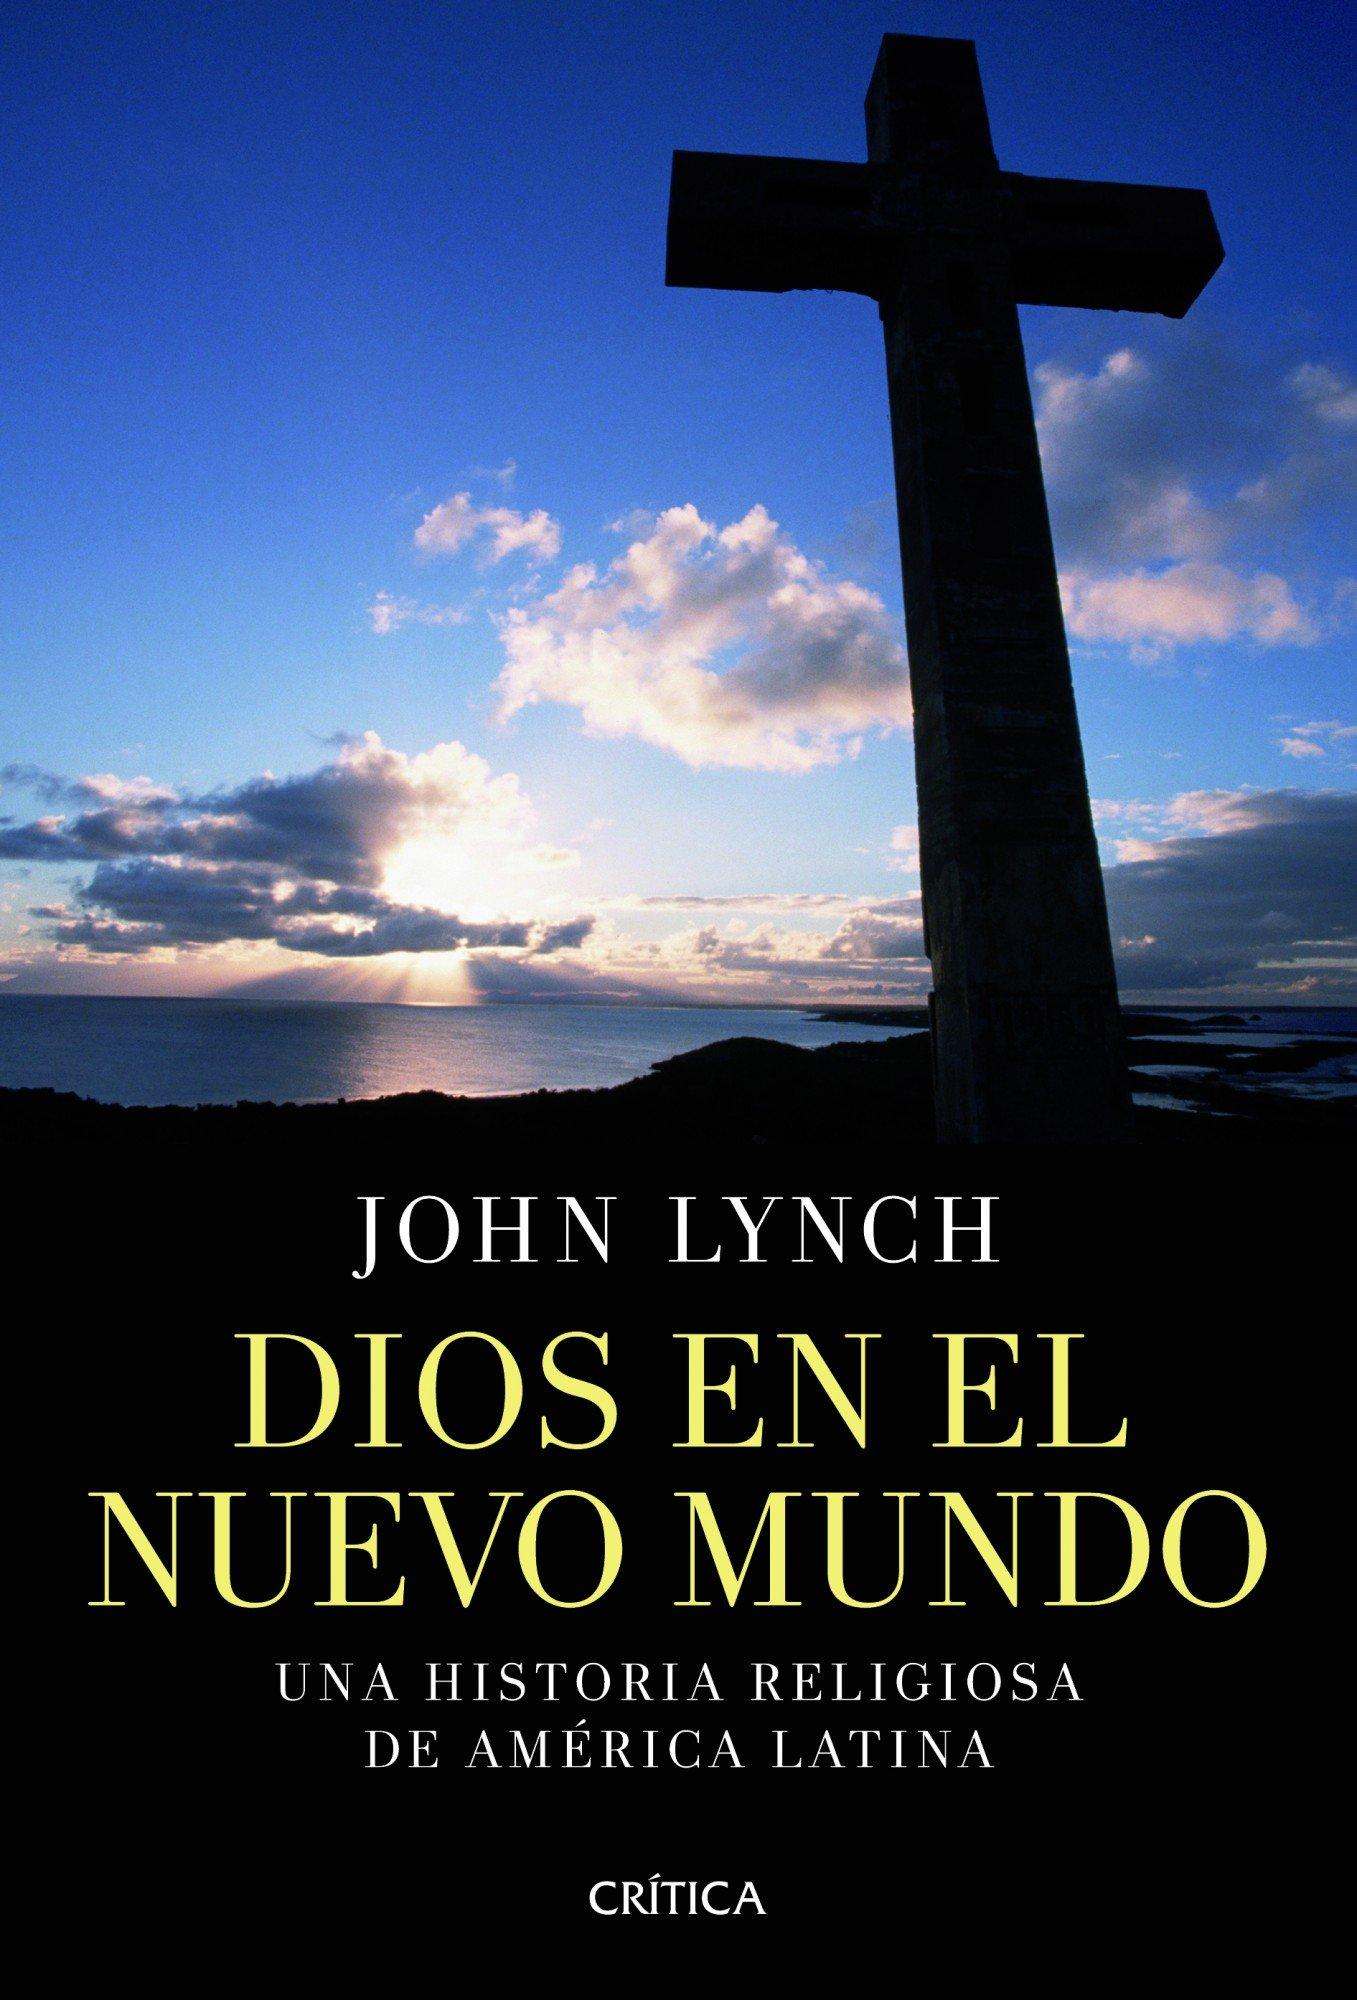 Dios en el nuevo mundo: Una historia religiosa de América Latina Serie Mayor: Amazon.es: Lynch, John, Chaparro, Alejandra: Libros